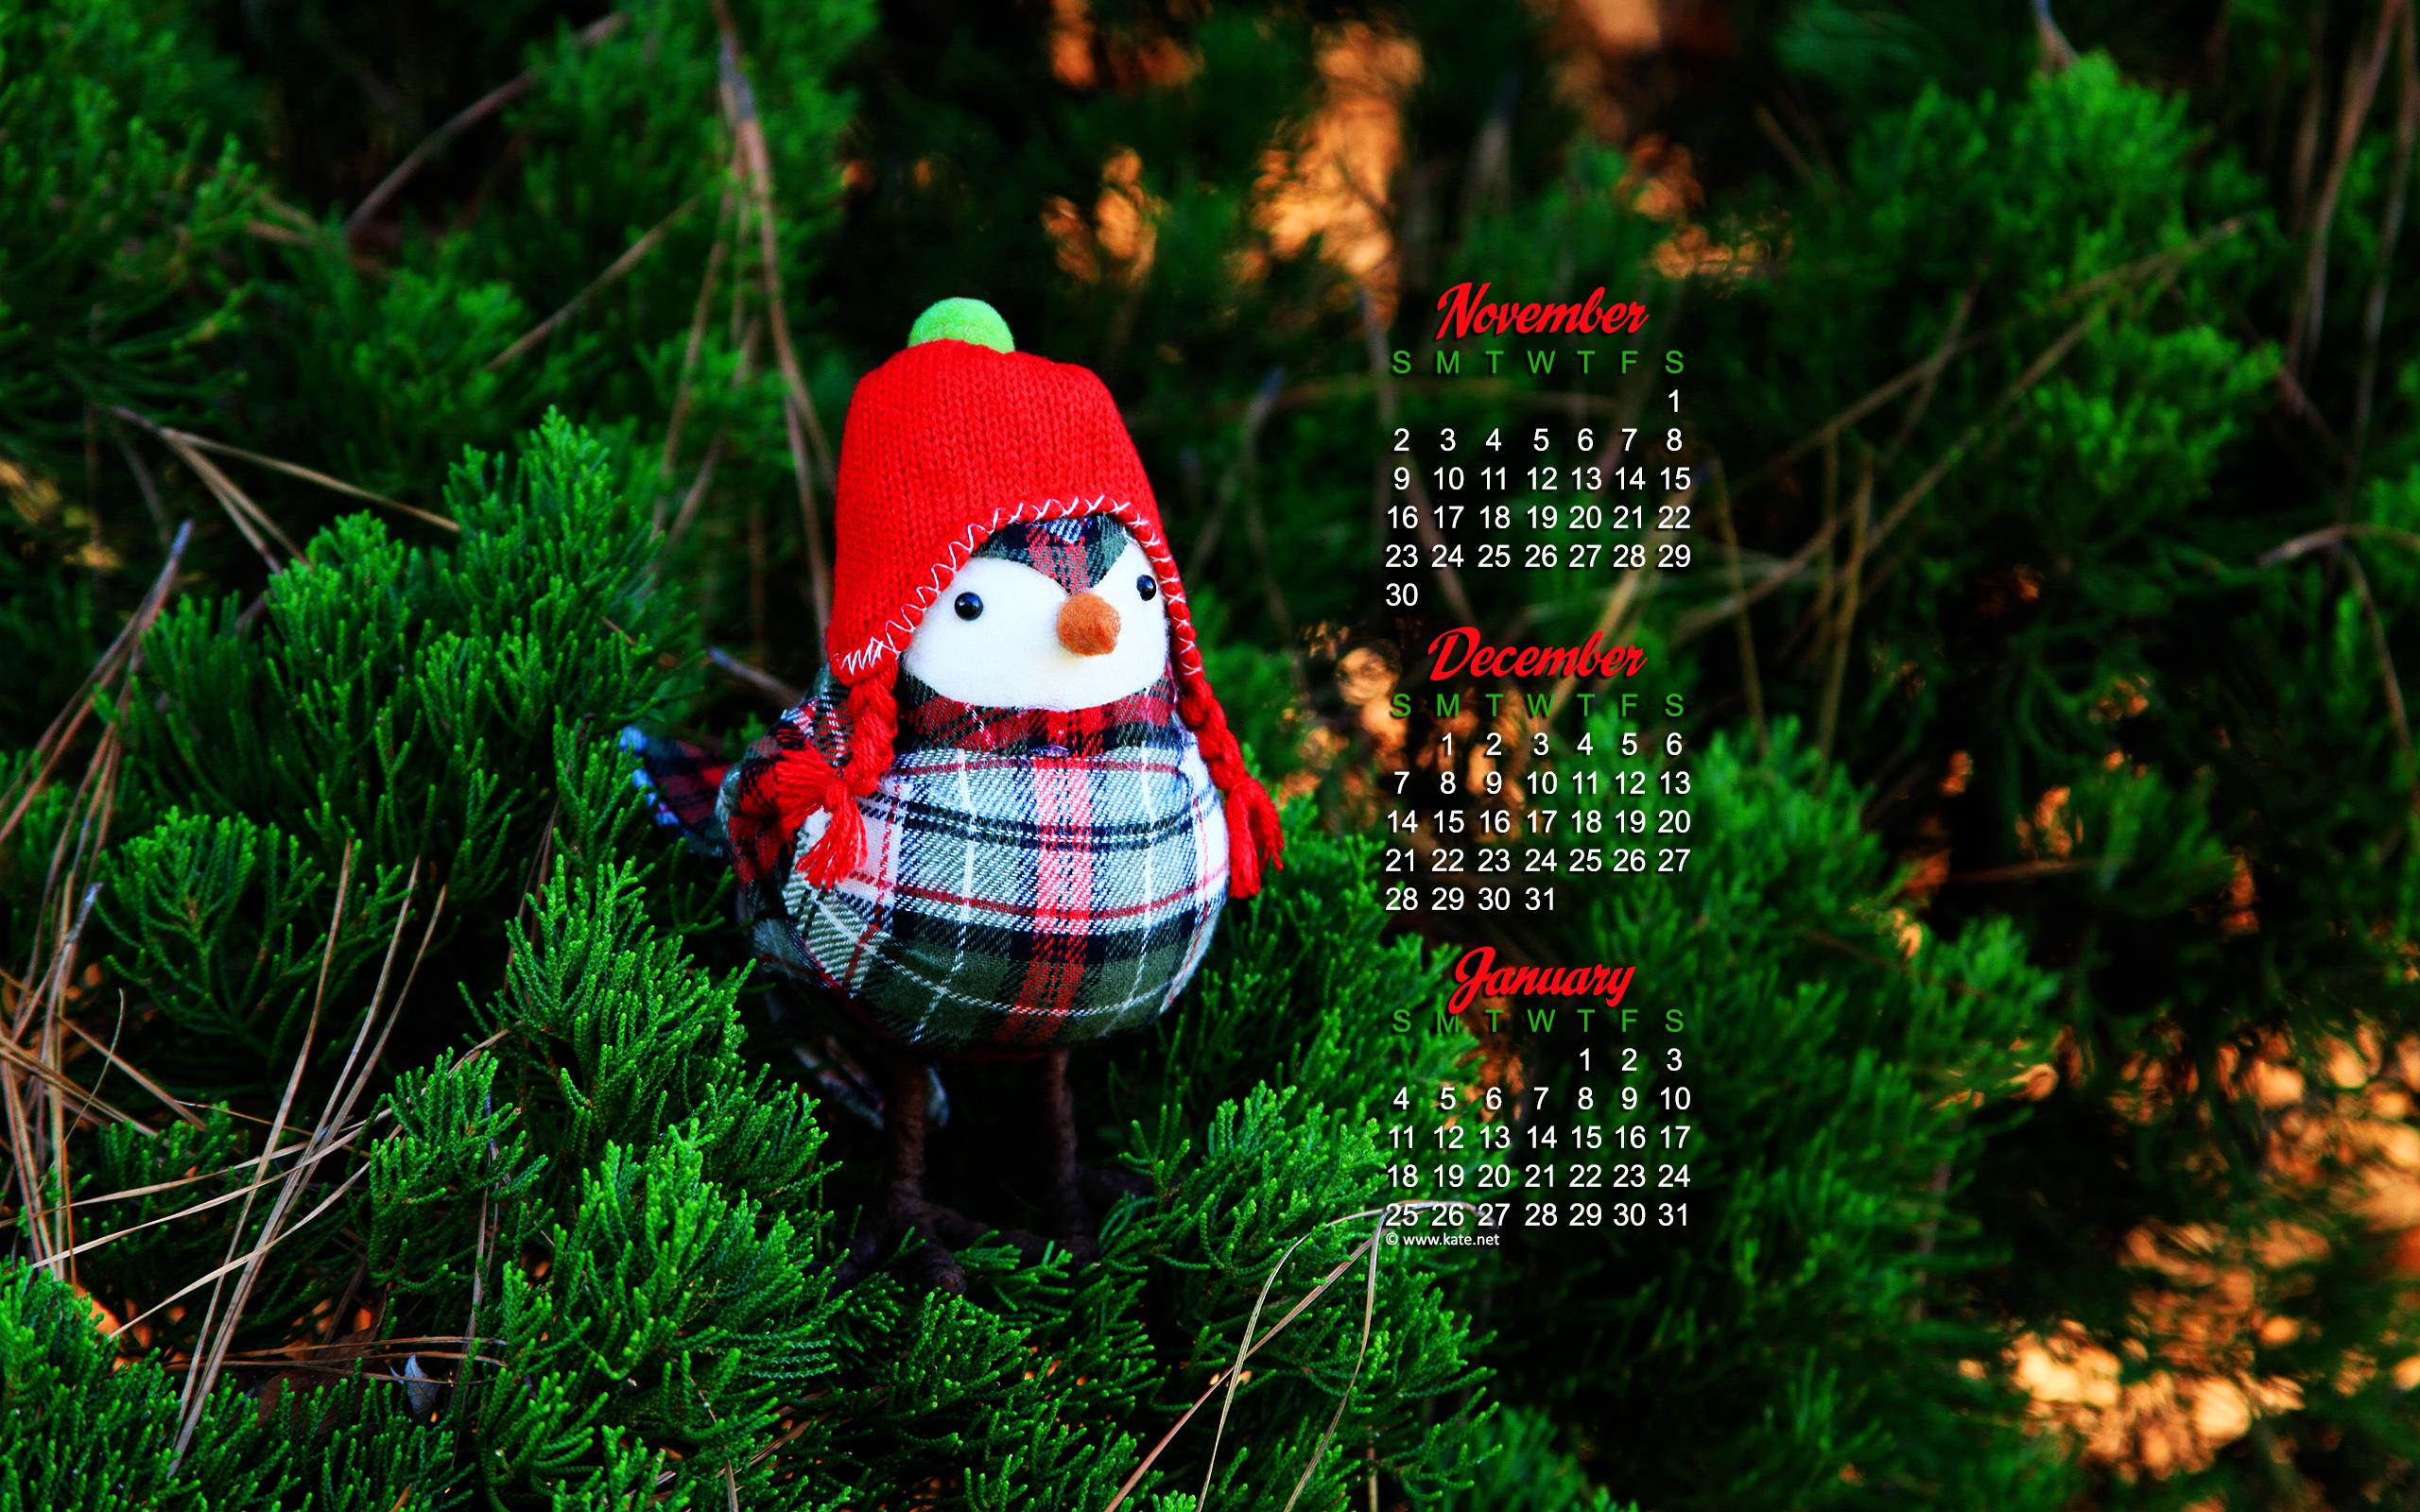 december calendar wallpaper bundled up bird photo wallpaper kate net 2560x1600